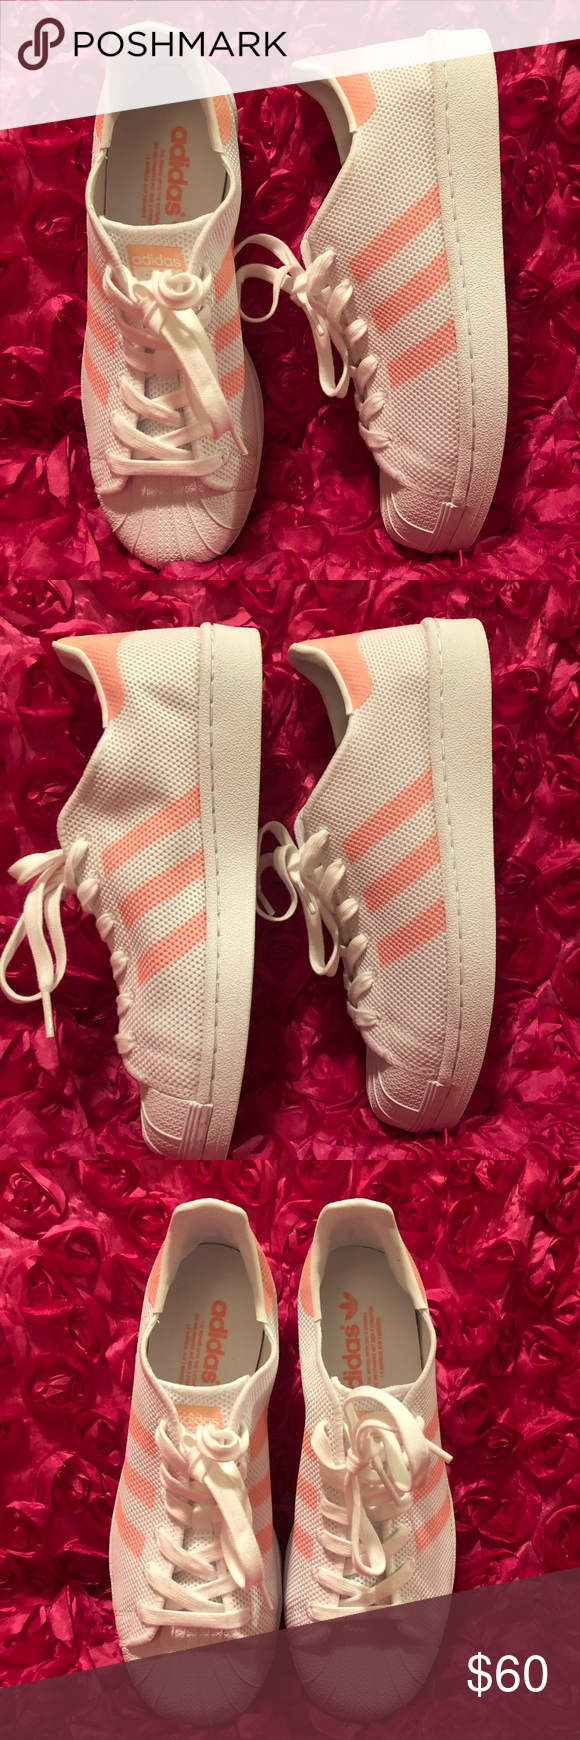 timeless design 5533d 4e1dc Adidas Originals Superstar - Womens Shoes BA7736 Brand new No box 📦 Color  Footwear White